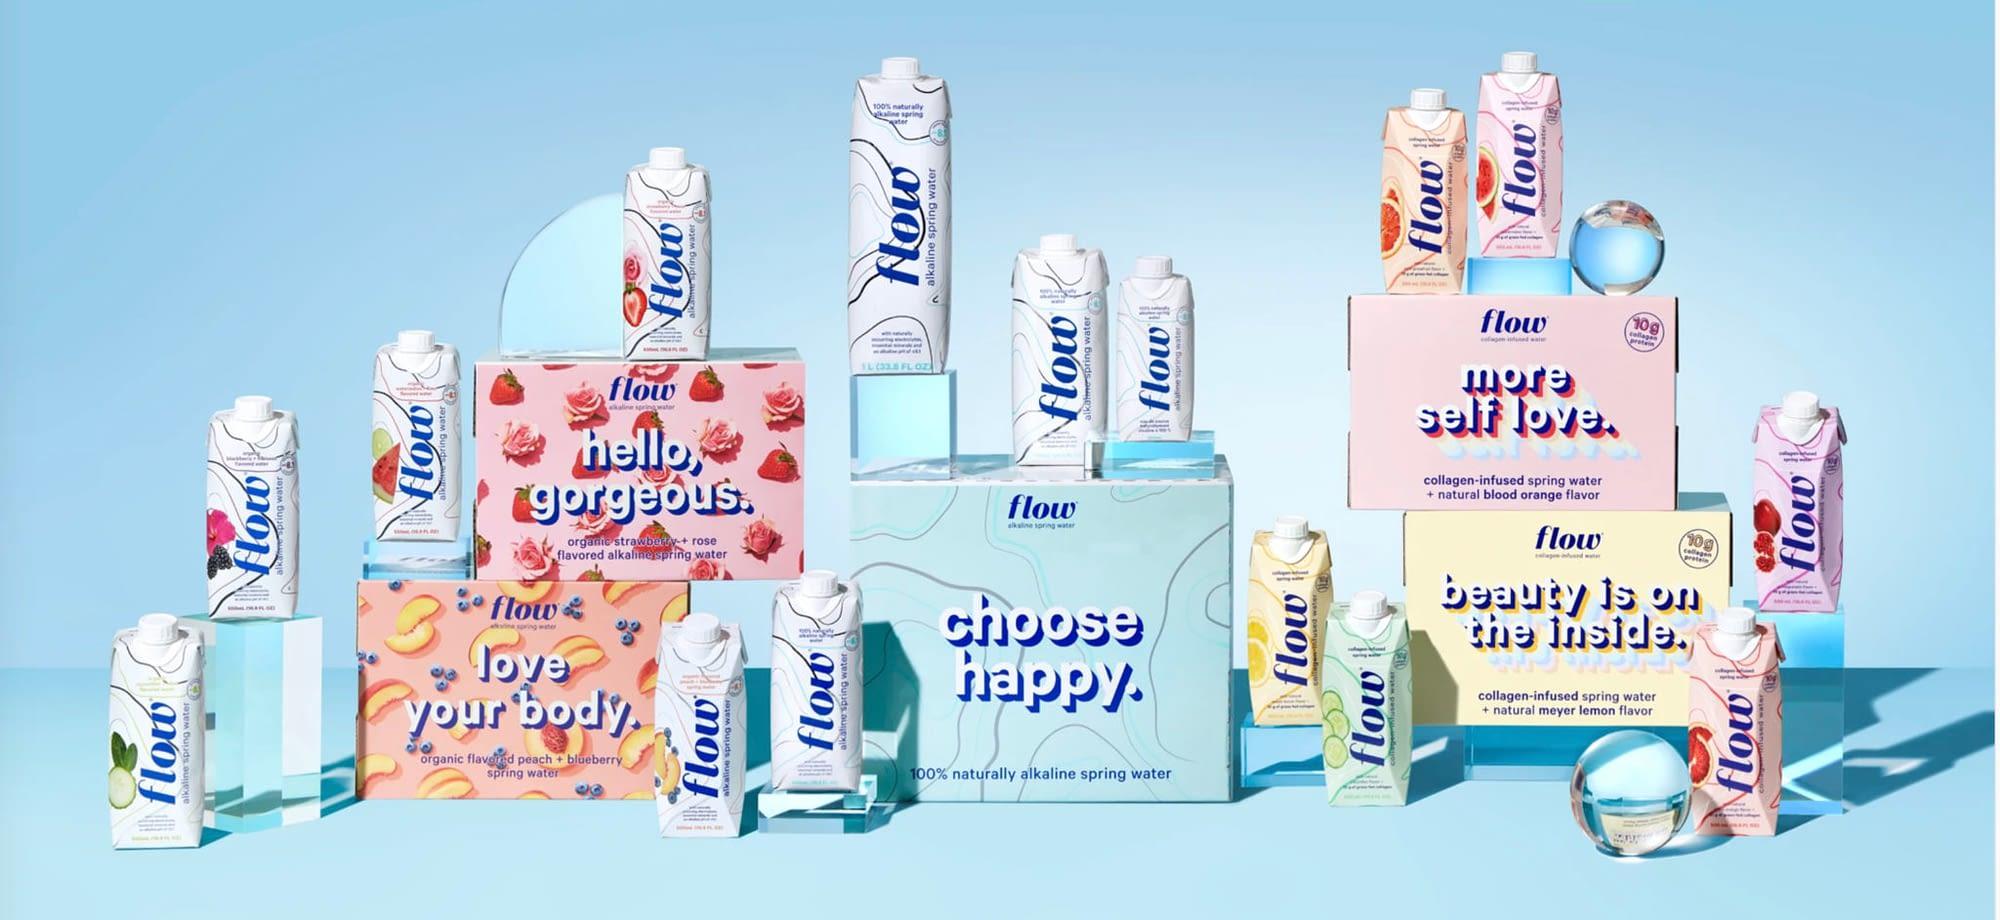 Flow packaging